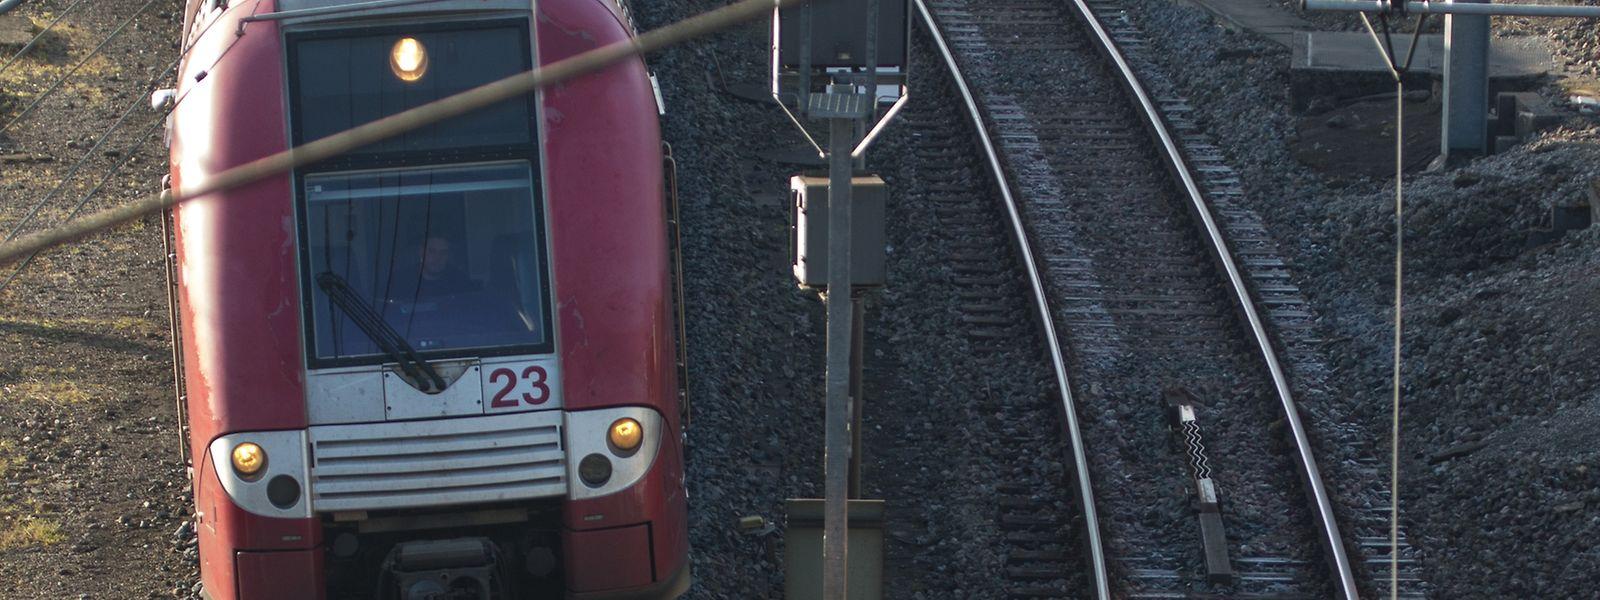 Ab diesem Dienstag soll das von der CFL gesperrte Gleis wieder befahren werden.